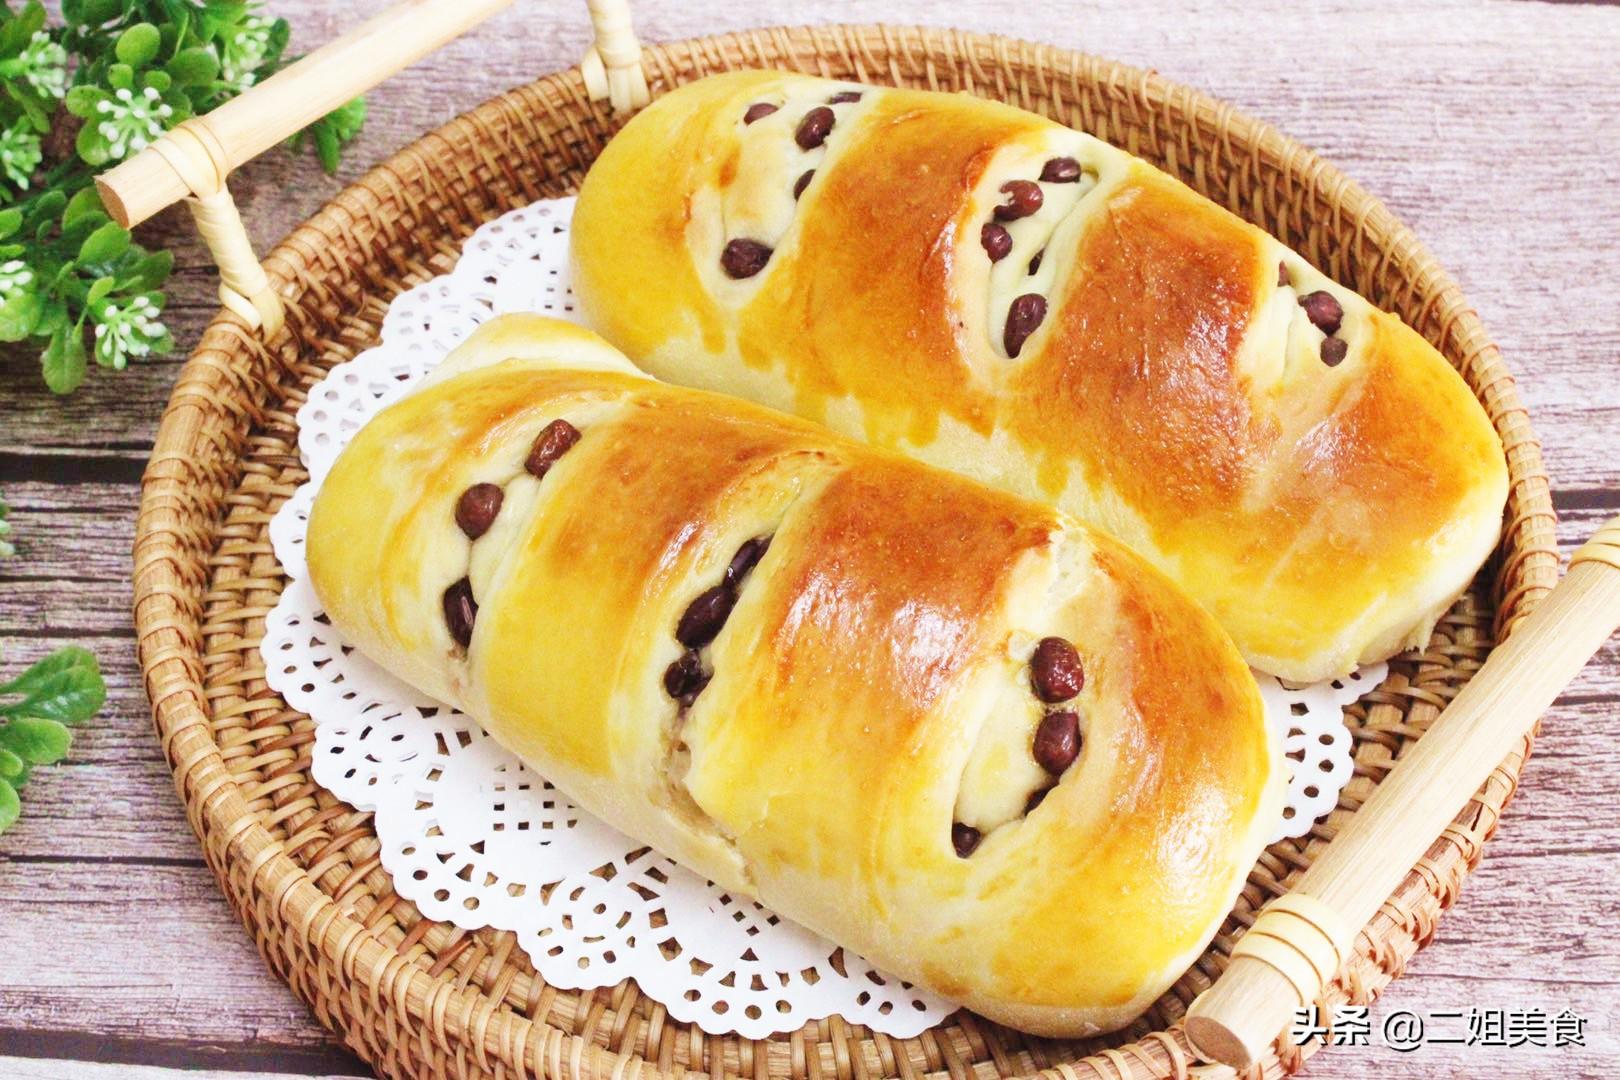 红豆面包不用买,自己在家做,无添加还香甜,蓬松软乎太好吃了